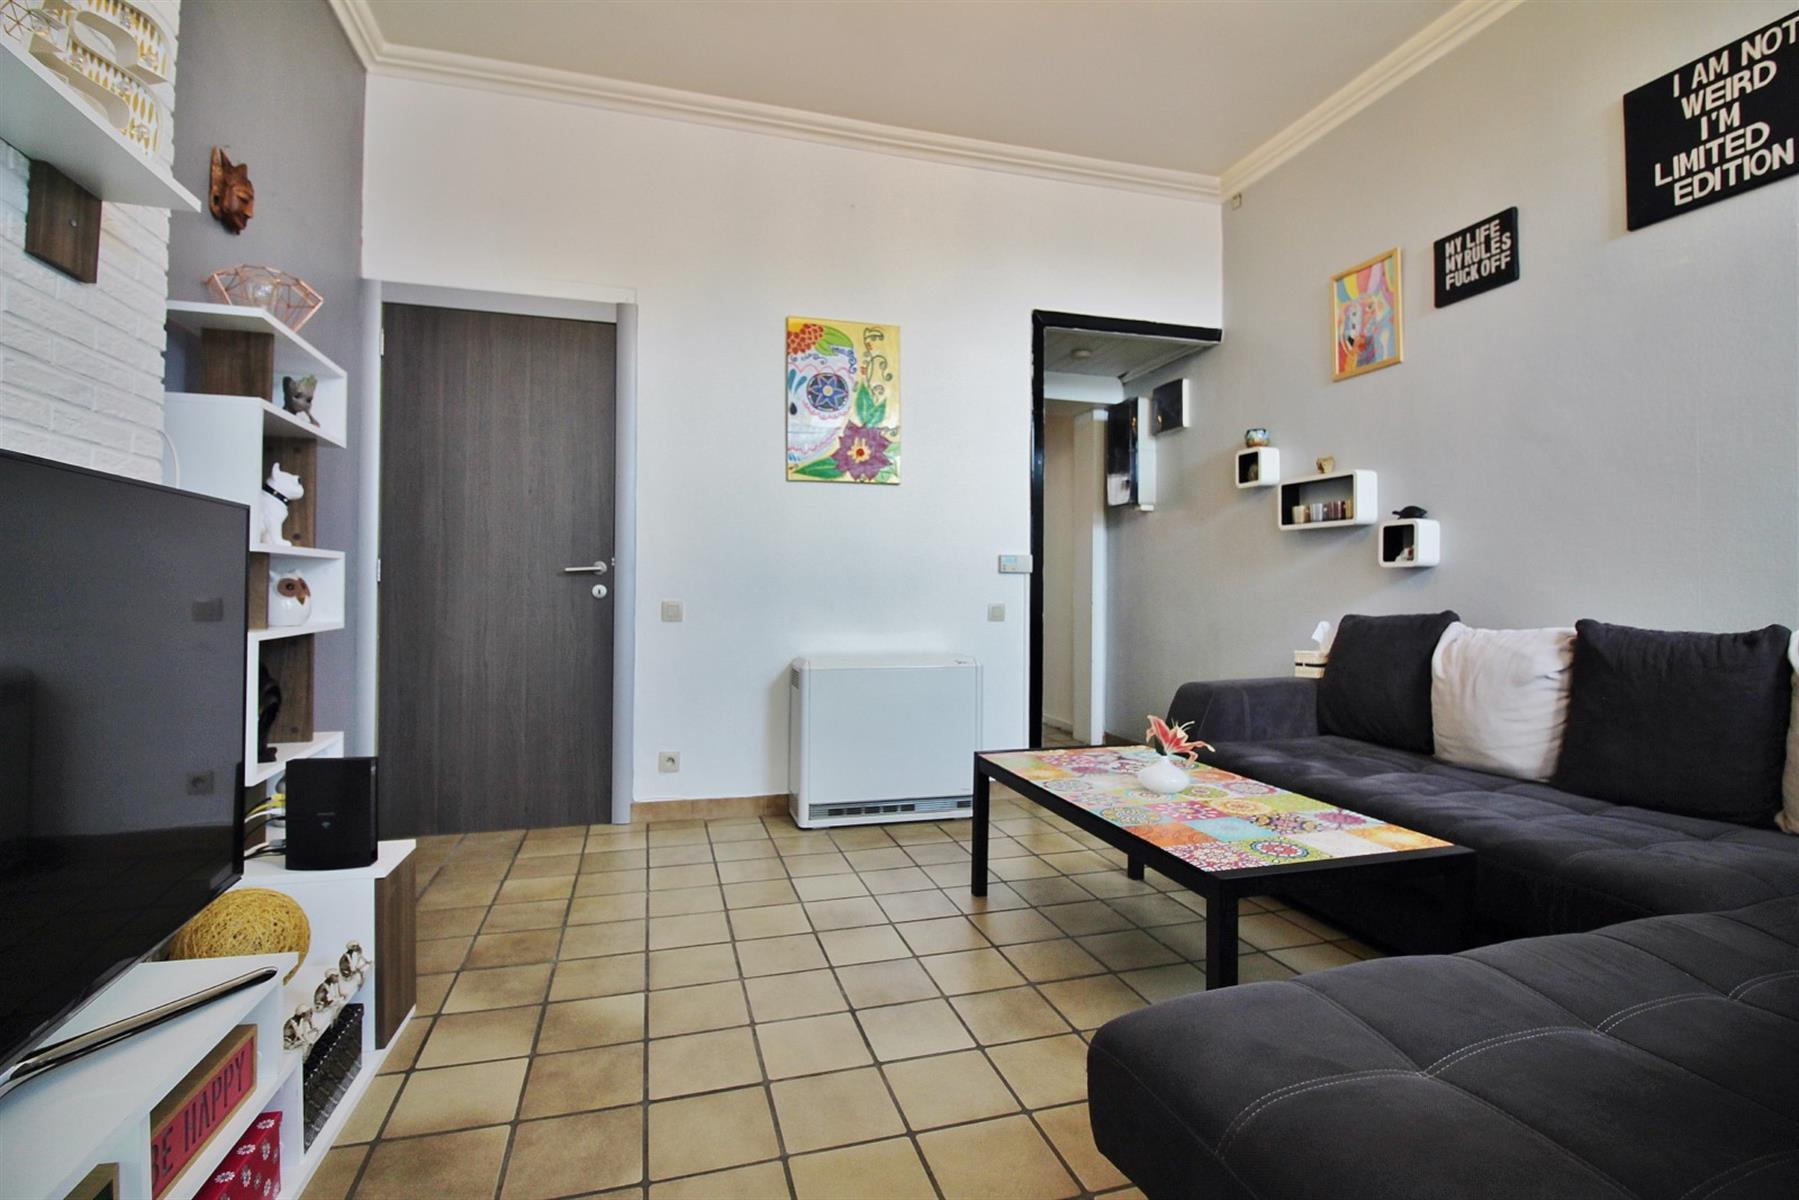 Maison - Seraing Jemeppe-sur-Meuse - #4347963-3